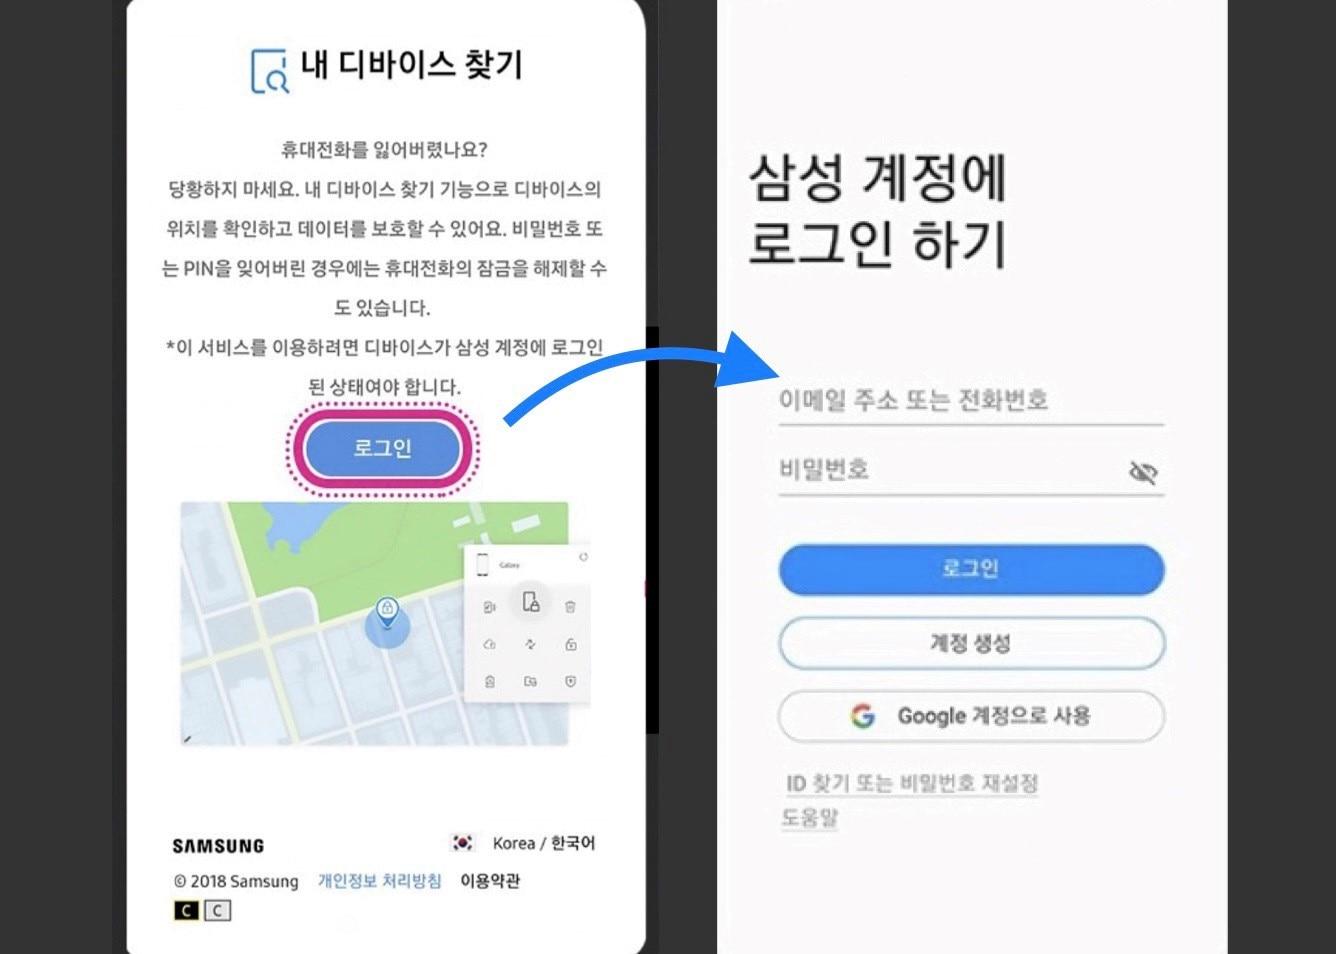 1.삼성 디바이스 찾기 홈페이지 접속 및 로그인 하는 방법